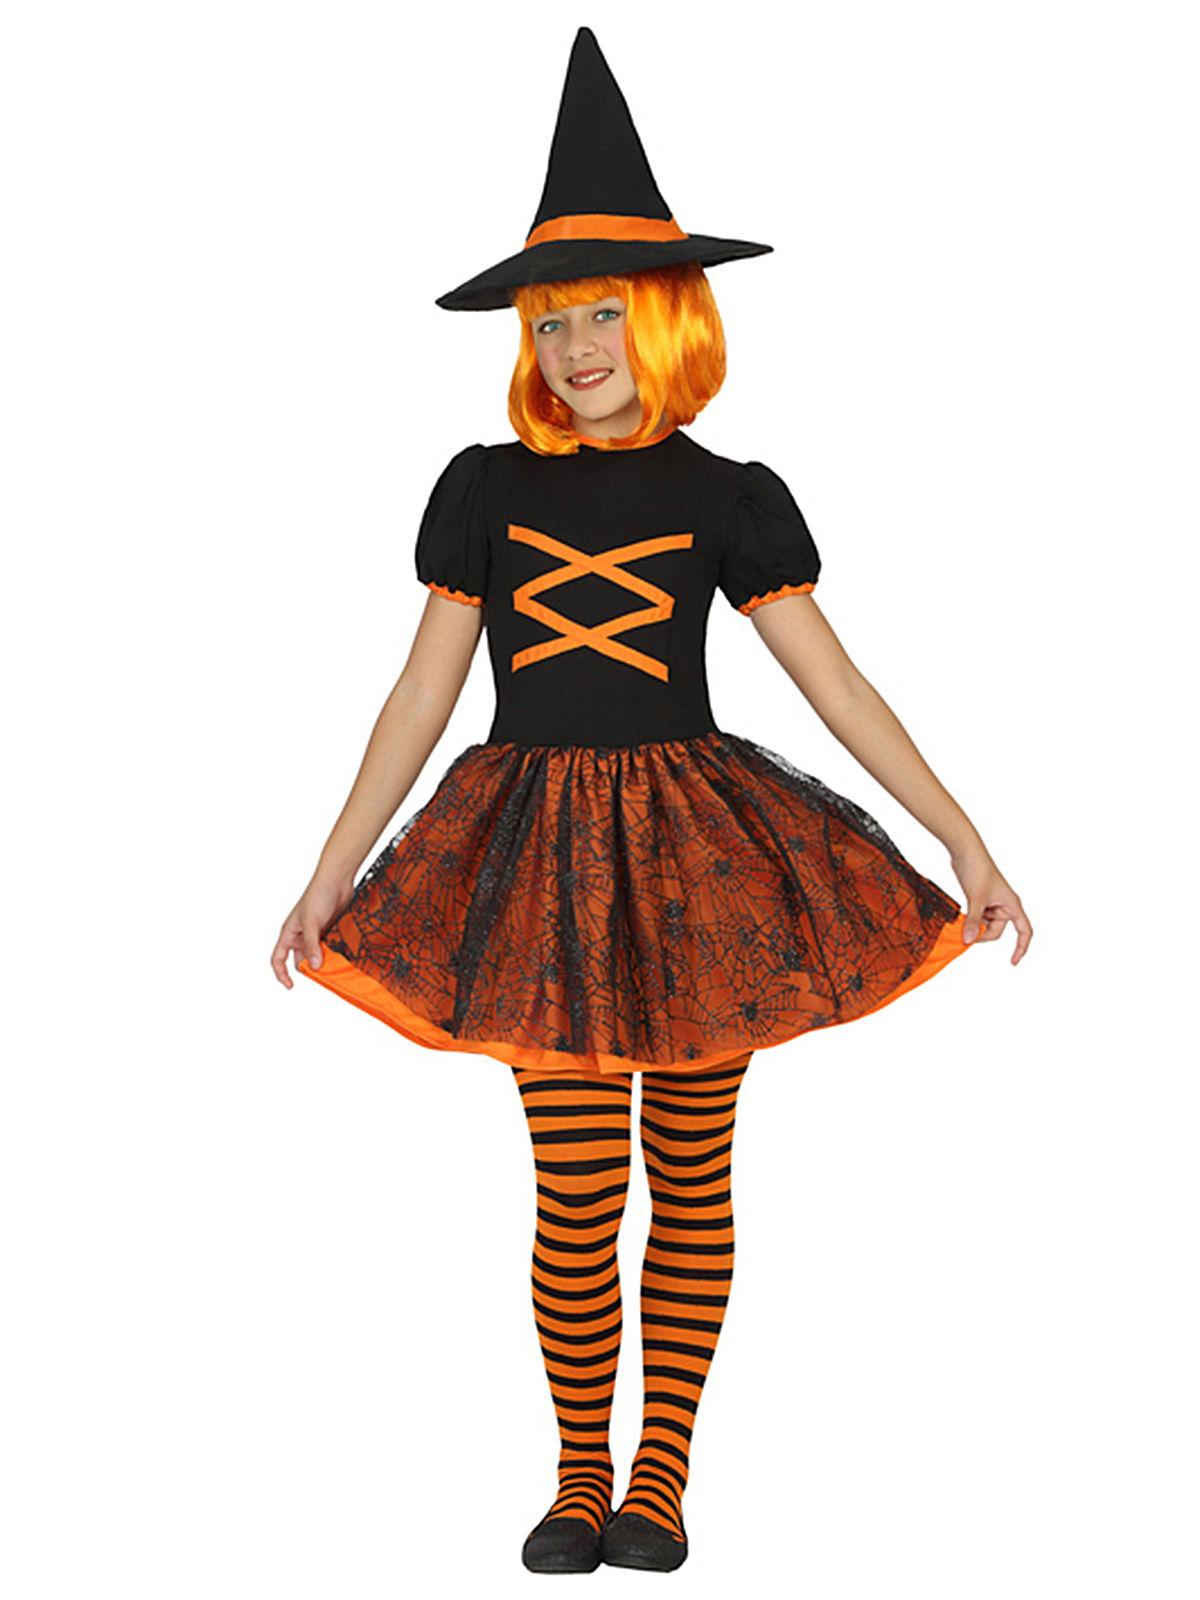 verkleidung hexe schwarz orange f r m dchen kost me f r kinder und g nstige faschingskost me. Black Bedroom Furniture Sets. Home Design Ideas